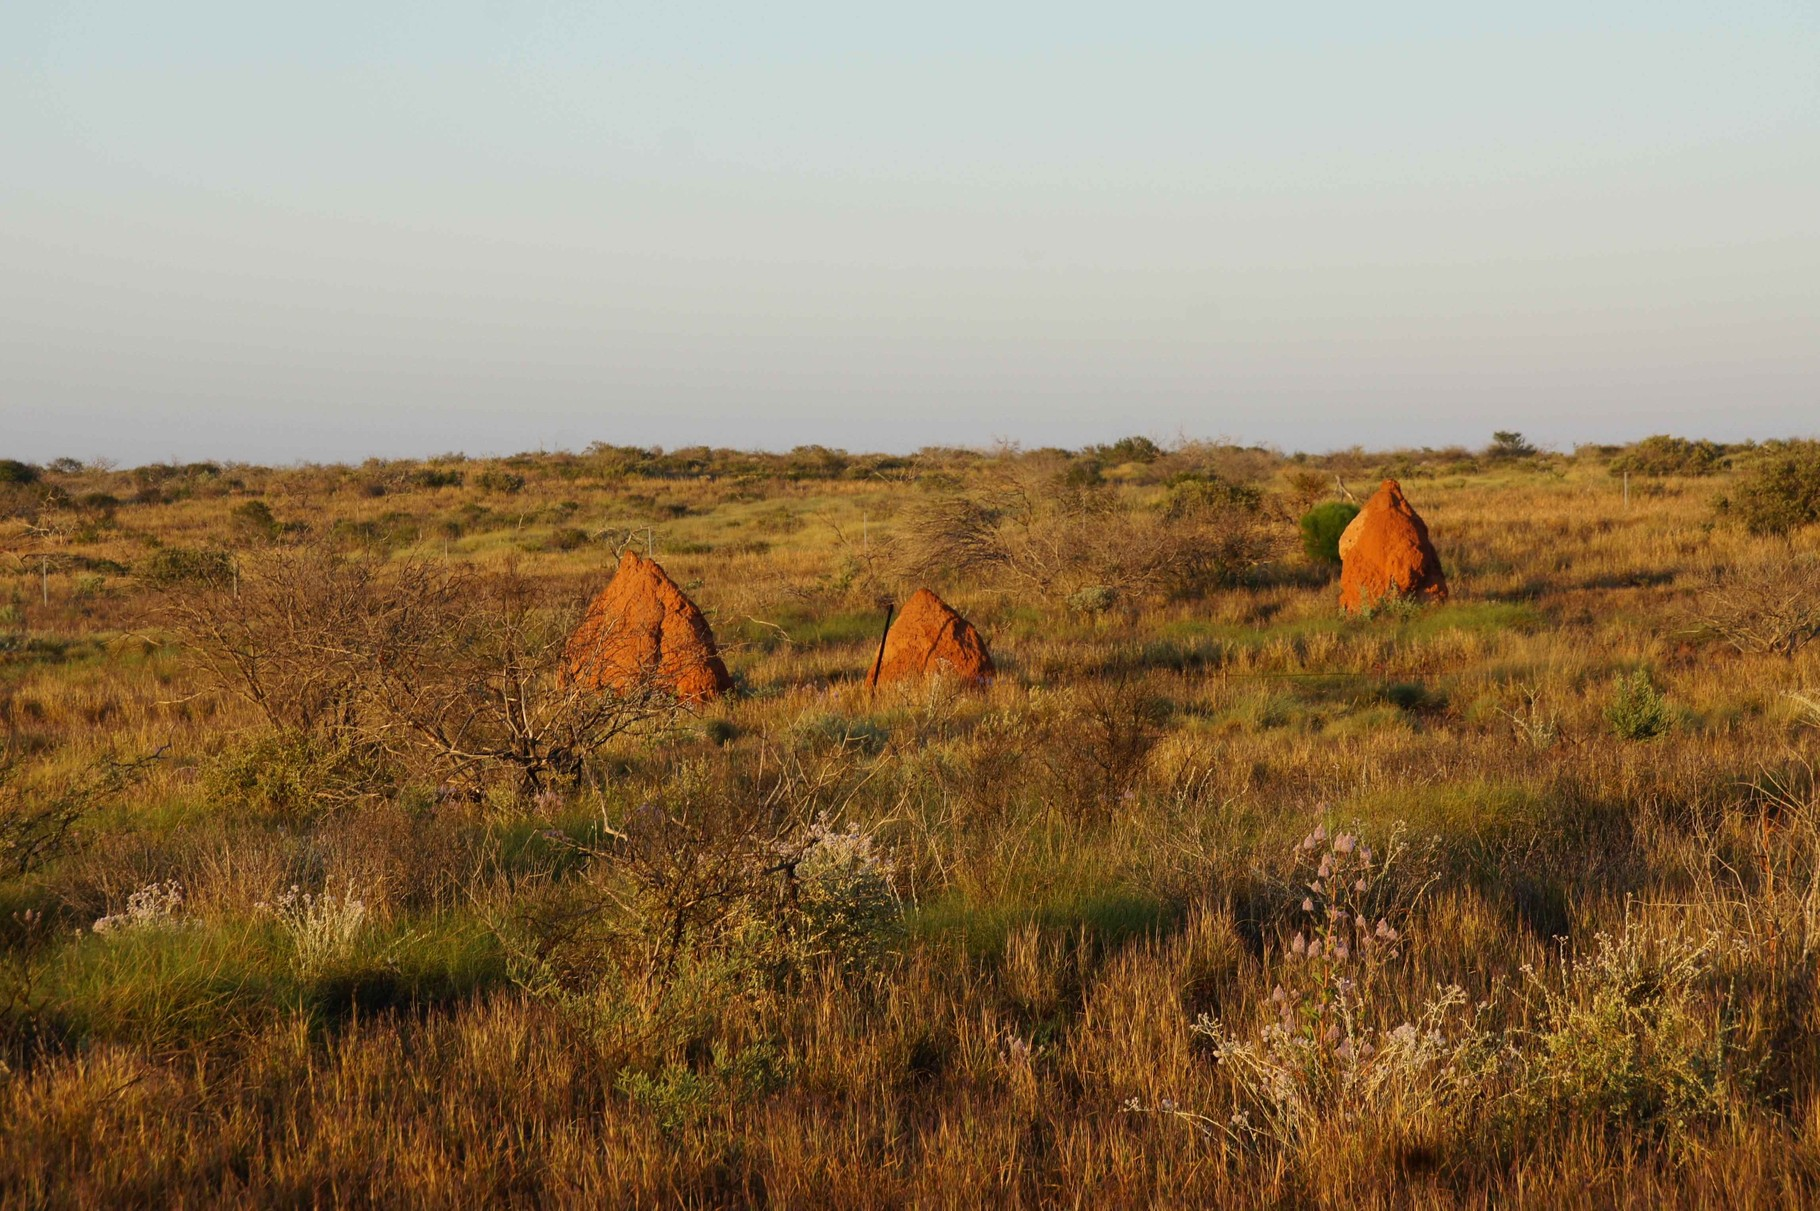 Termitenhügel bei Sonnenaufgang in Westaustralien